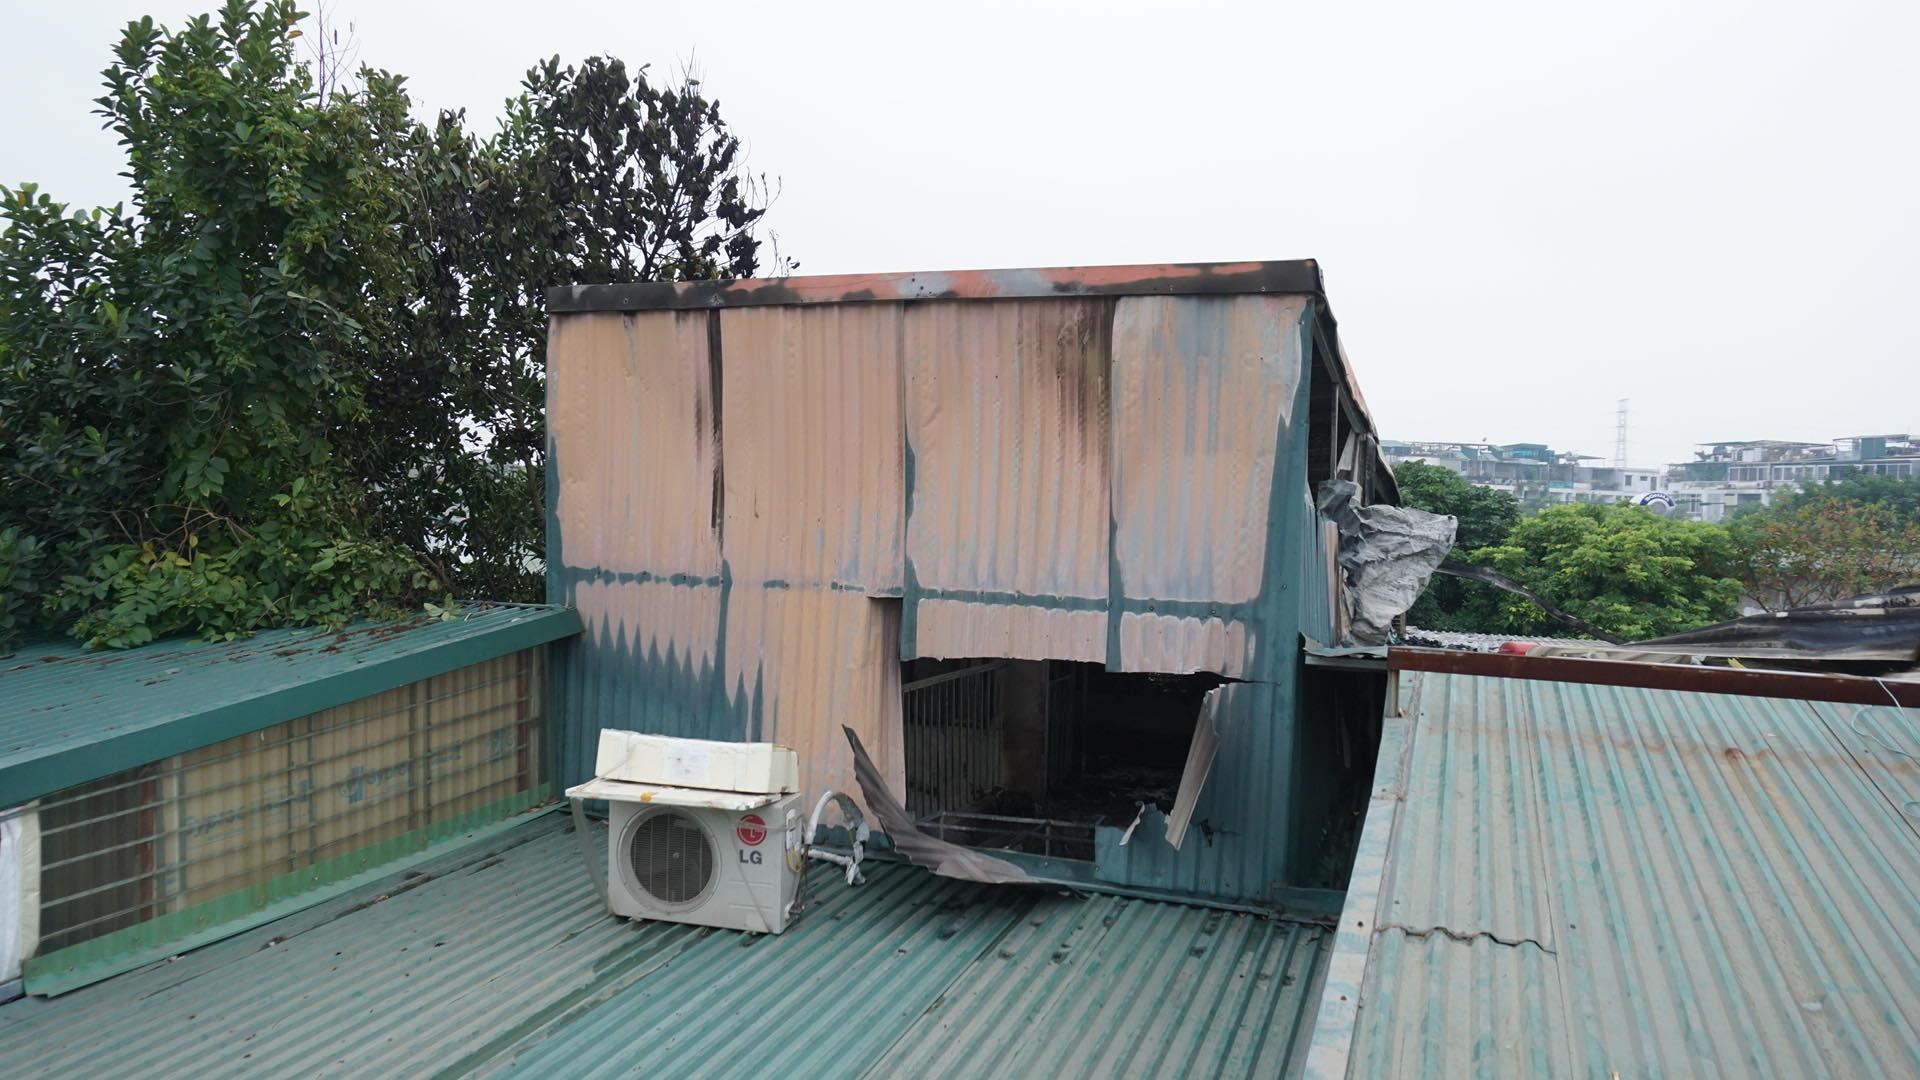 Cháy lớn trong ngõ, 3 bà cháu tử vong ở Hà Nội